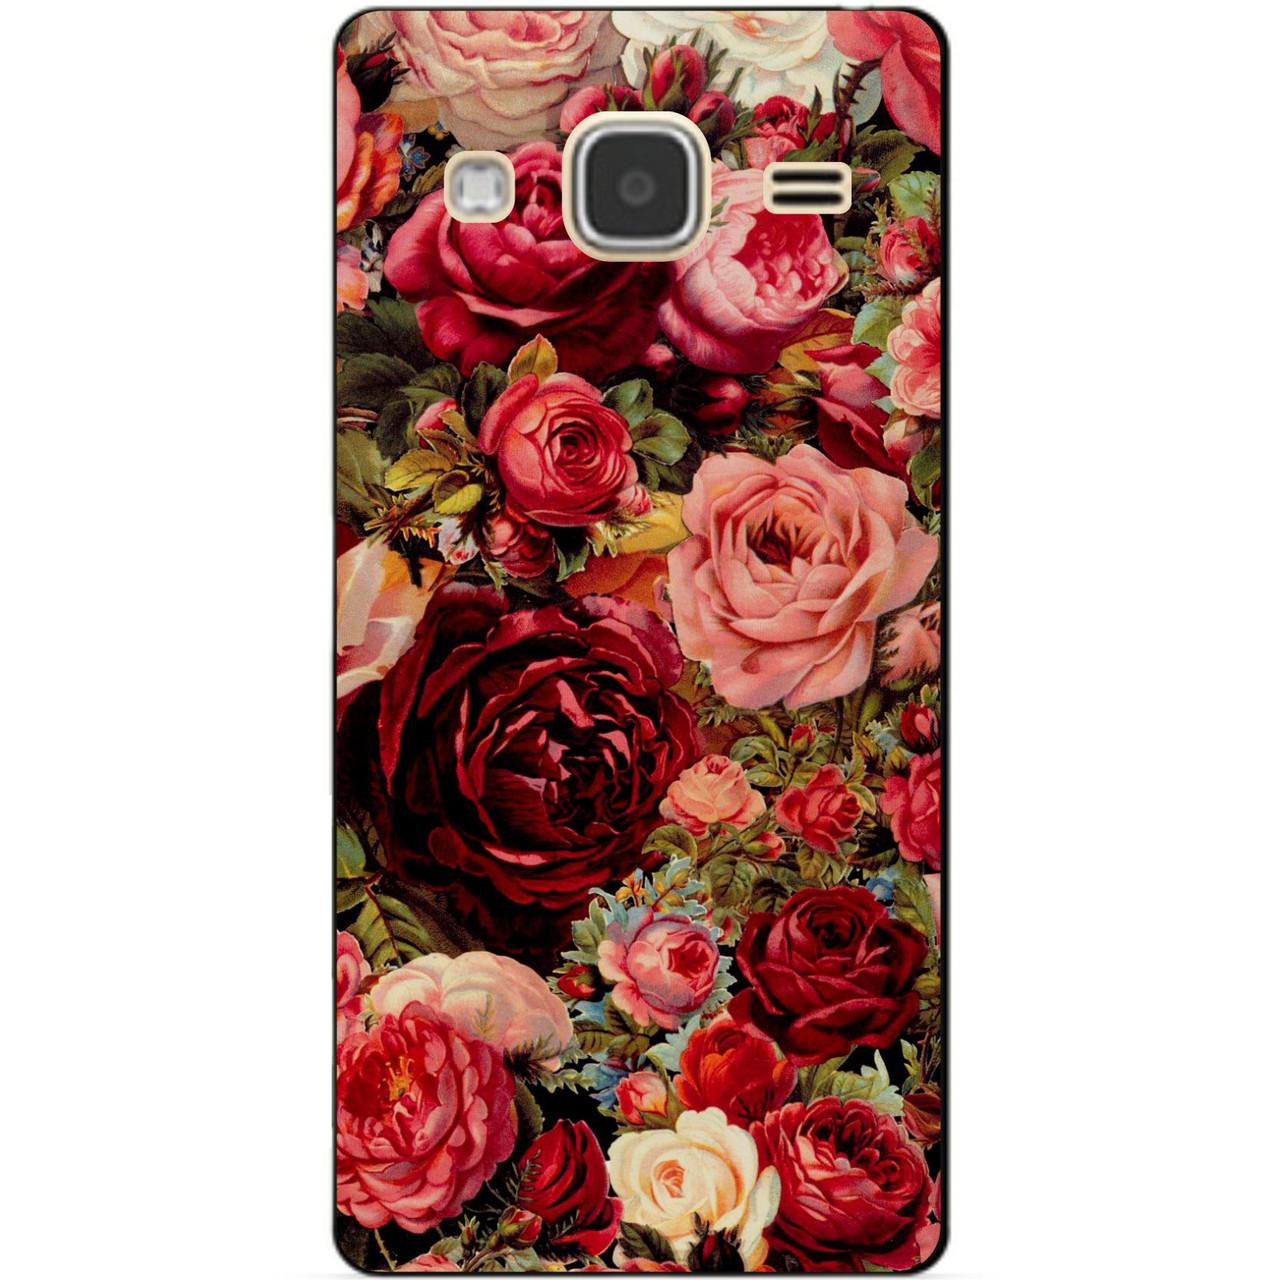 Чехол силиконовый бампер для Samsung Galaxy J3 J300 с рисунком Розы